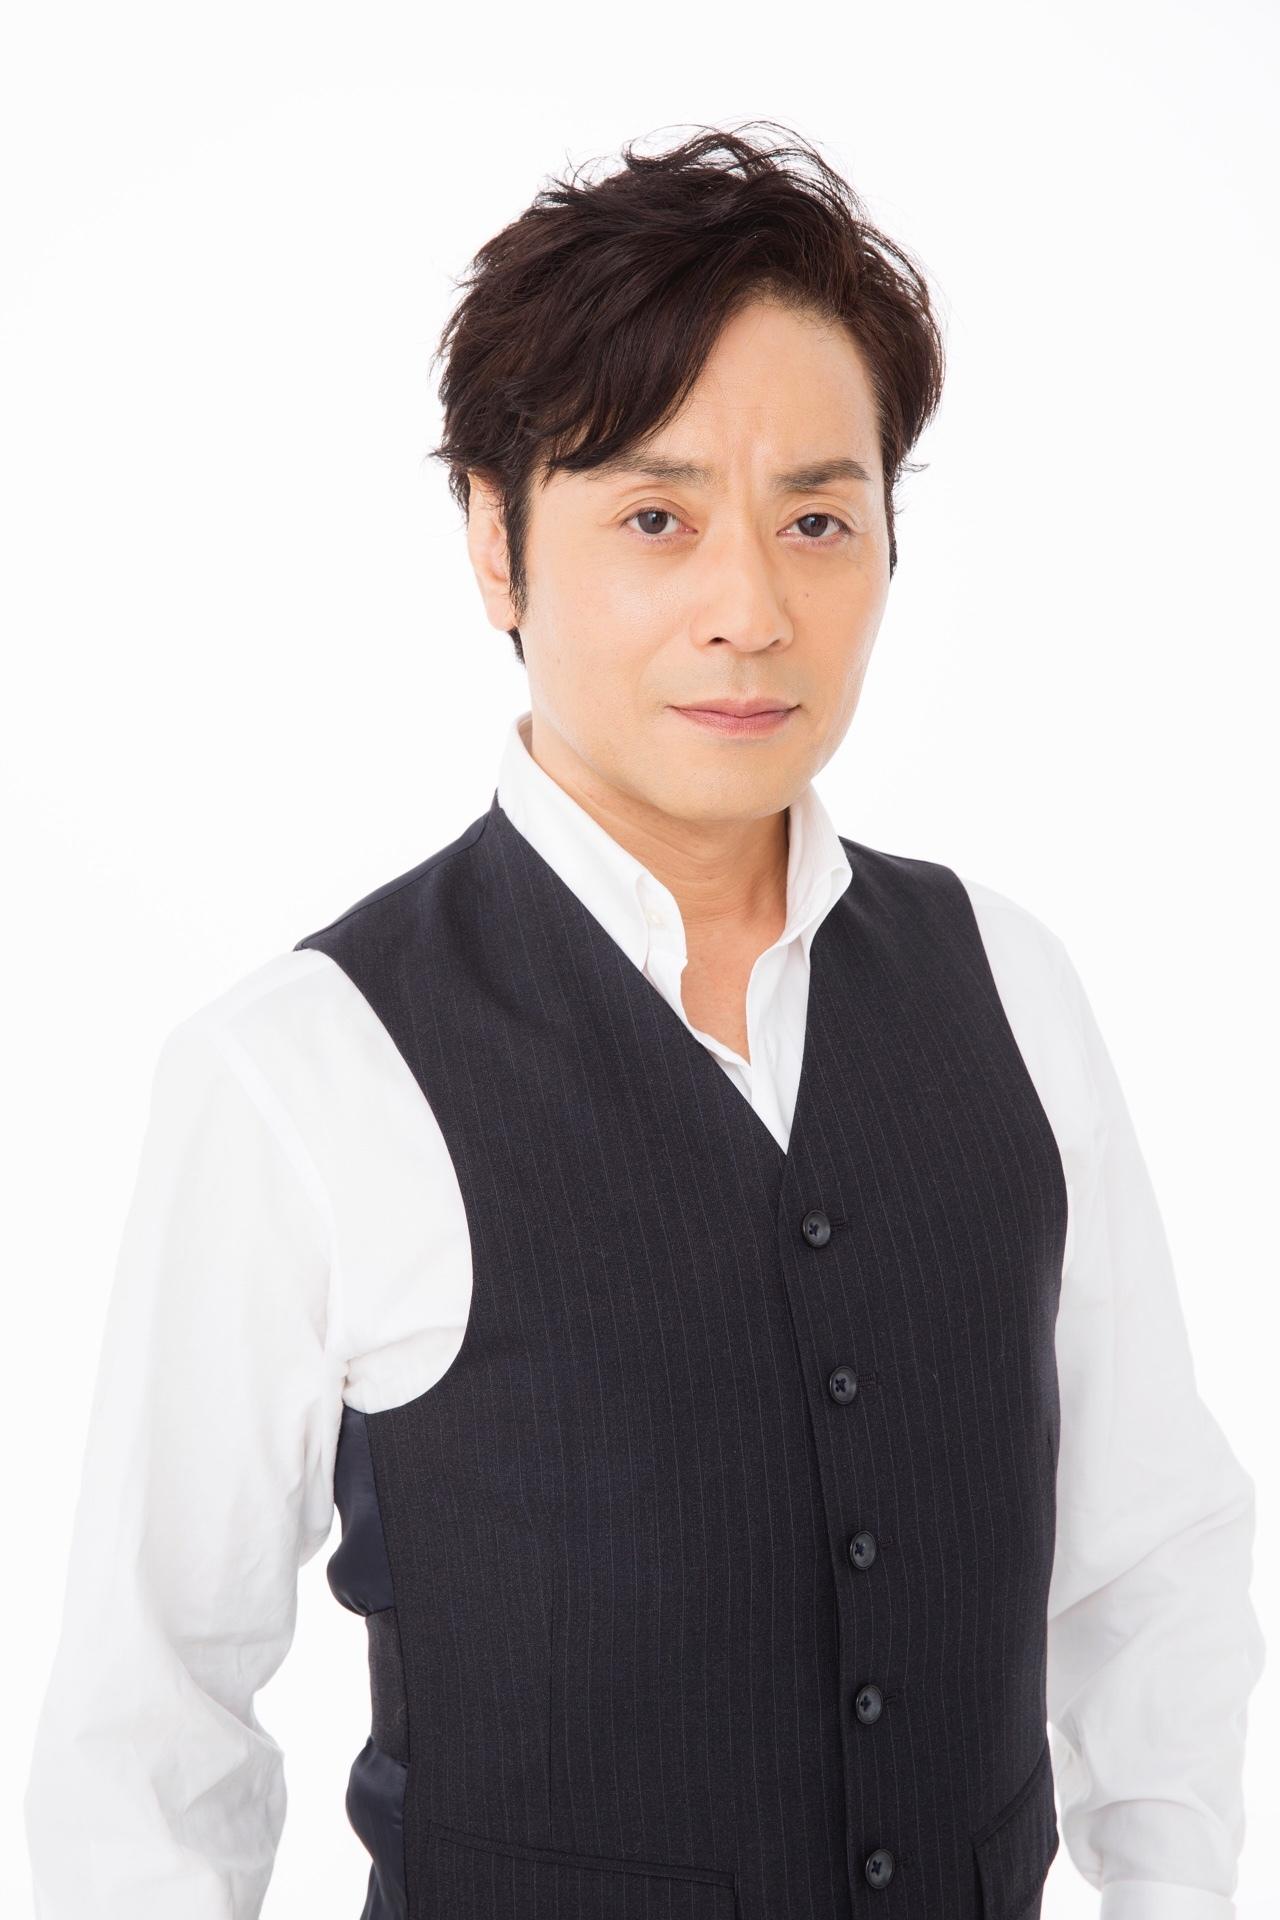 公安局刑事課三係 分析官・目白一歩役:山崎銀之丞